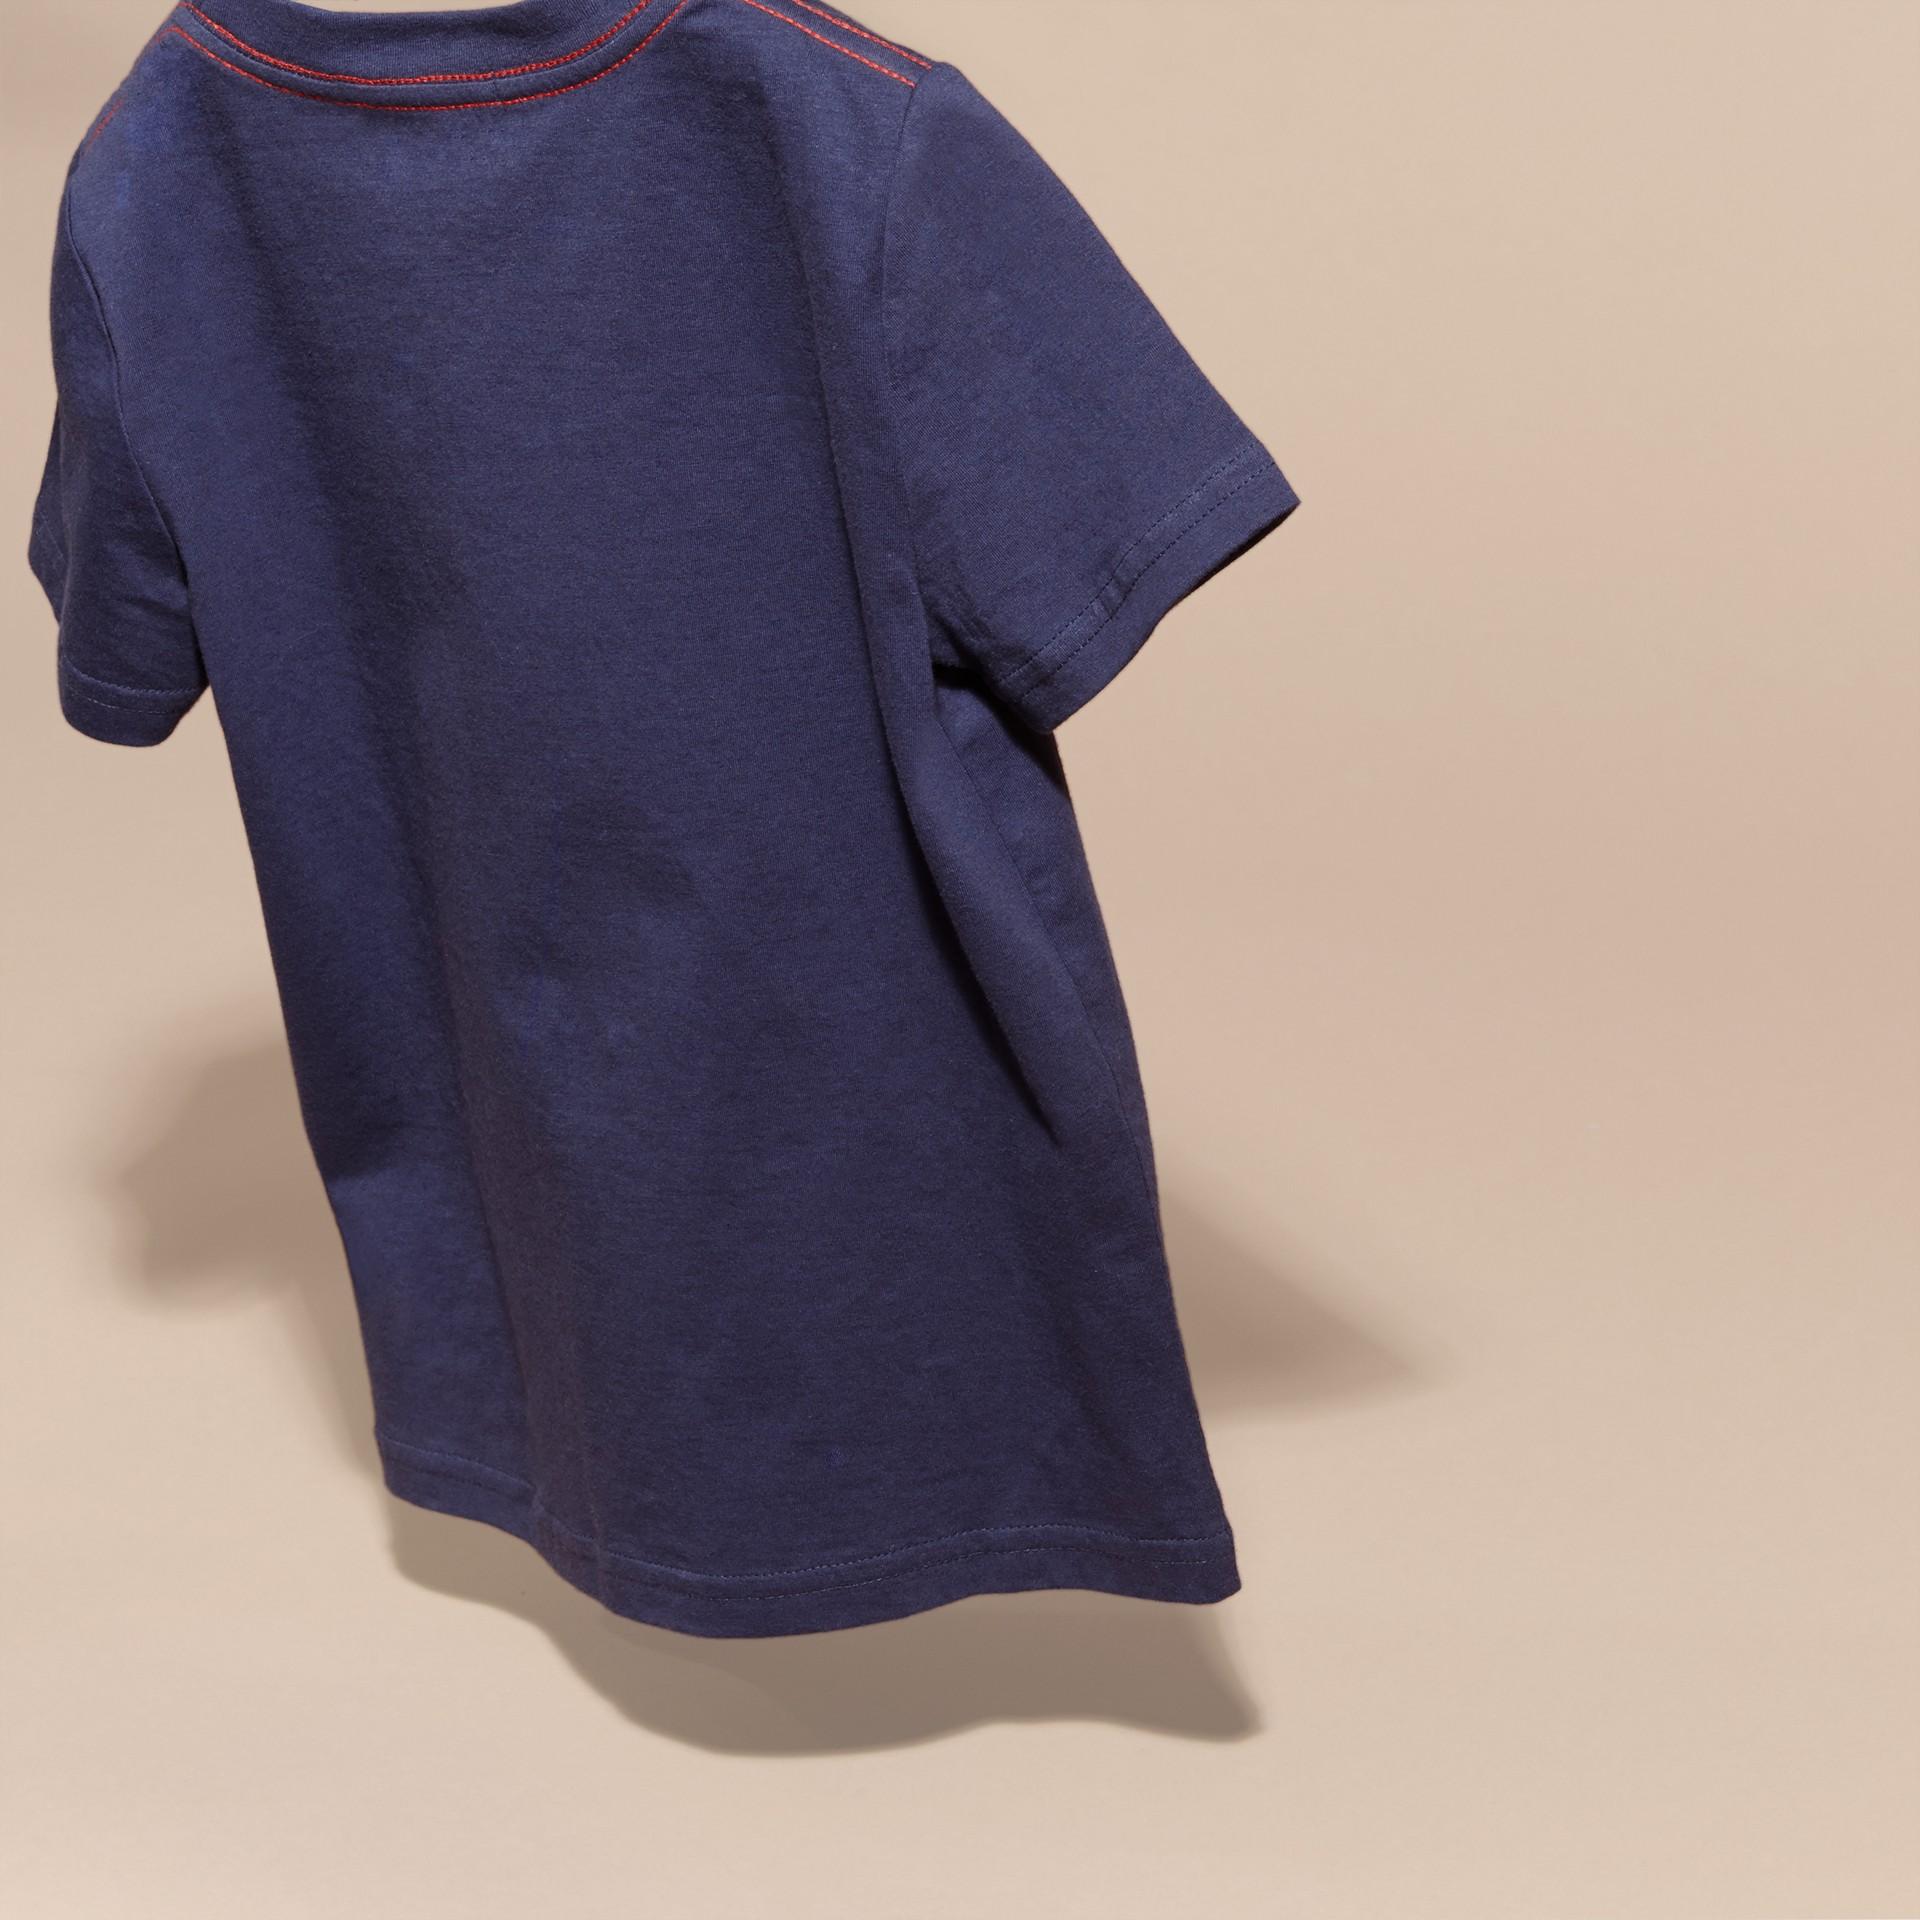 Indigo Baumwoll-T-Shirt mit verspieltem Druckmotiv - Galerie-Bild 4